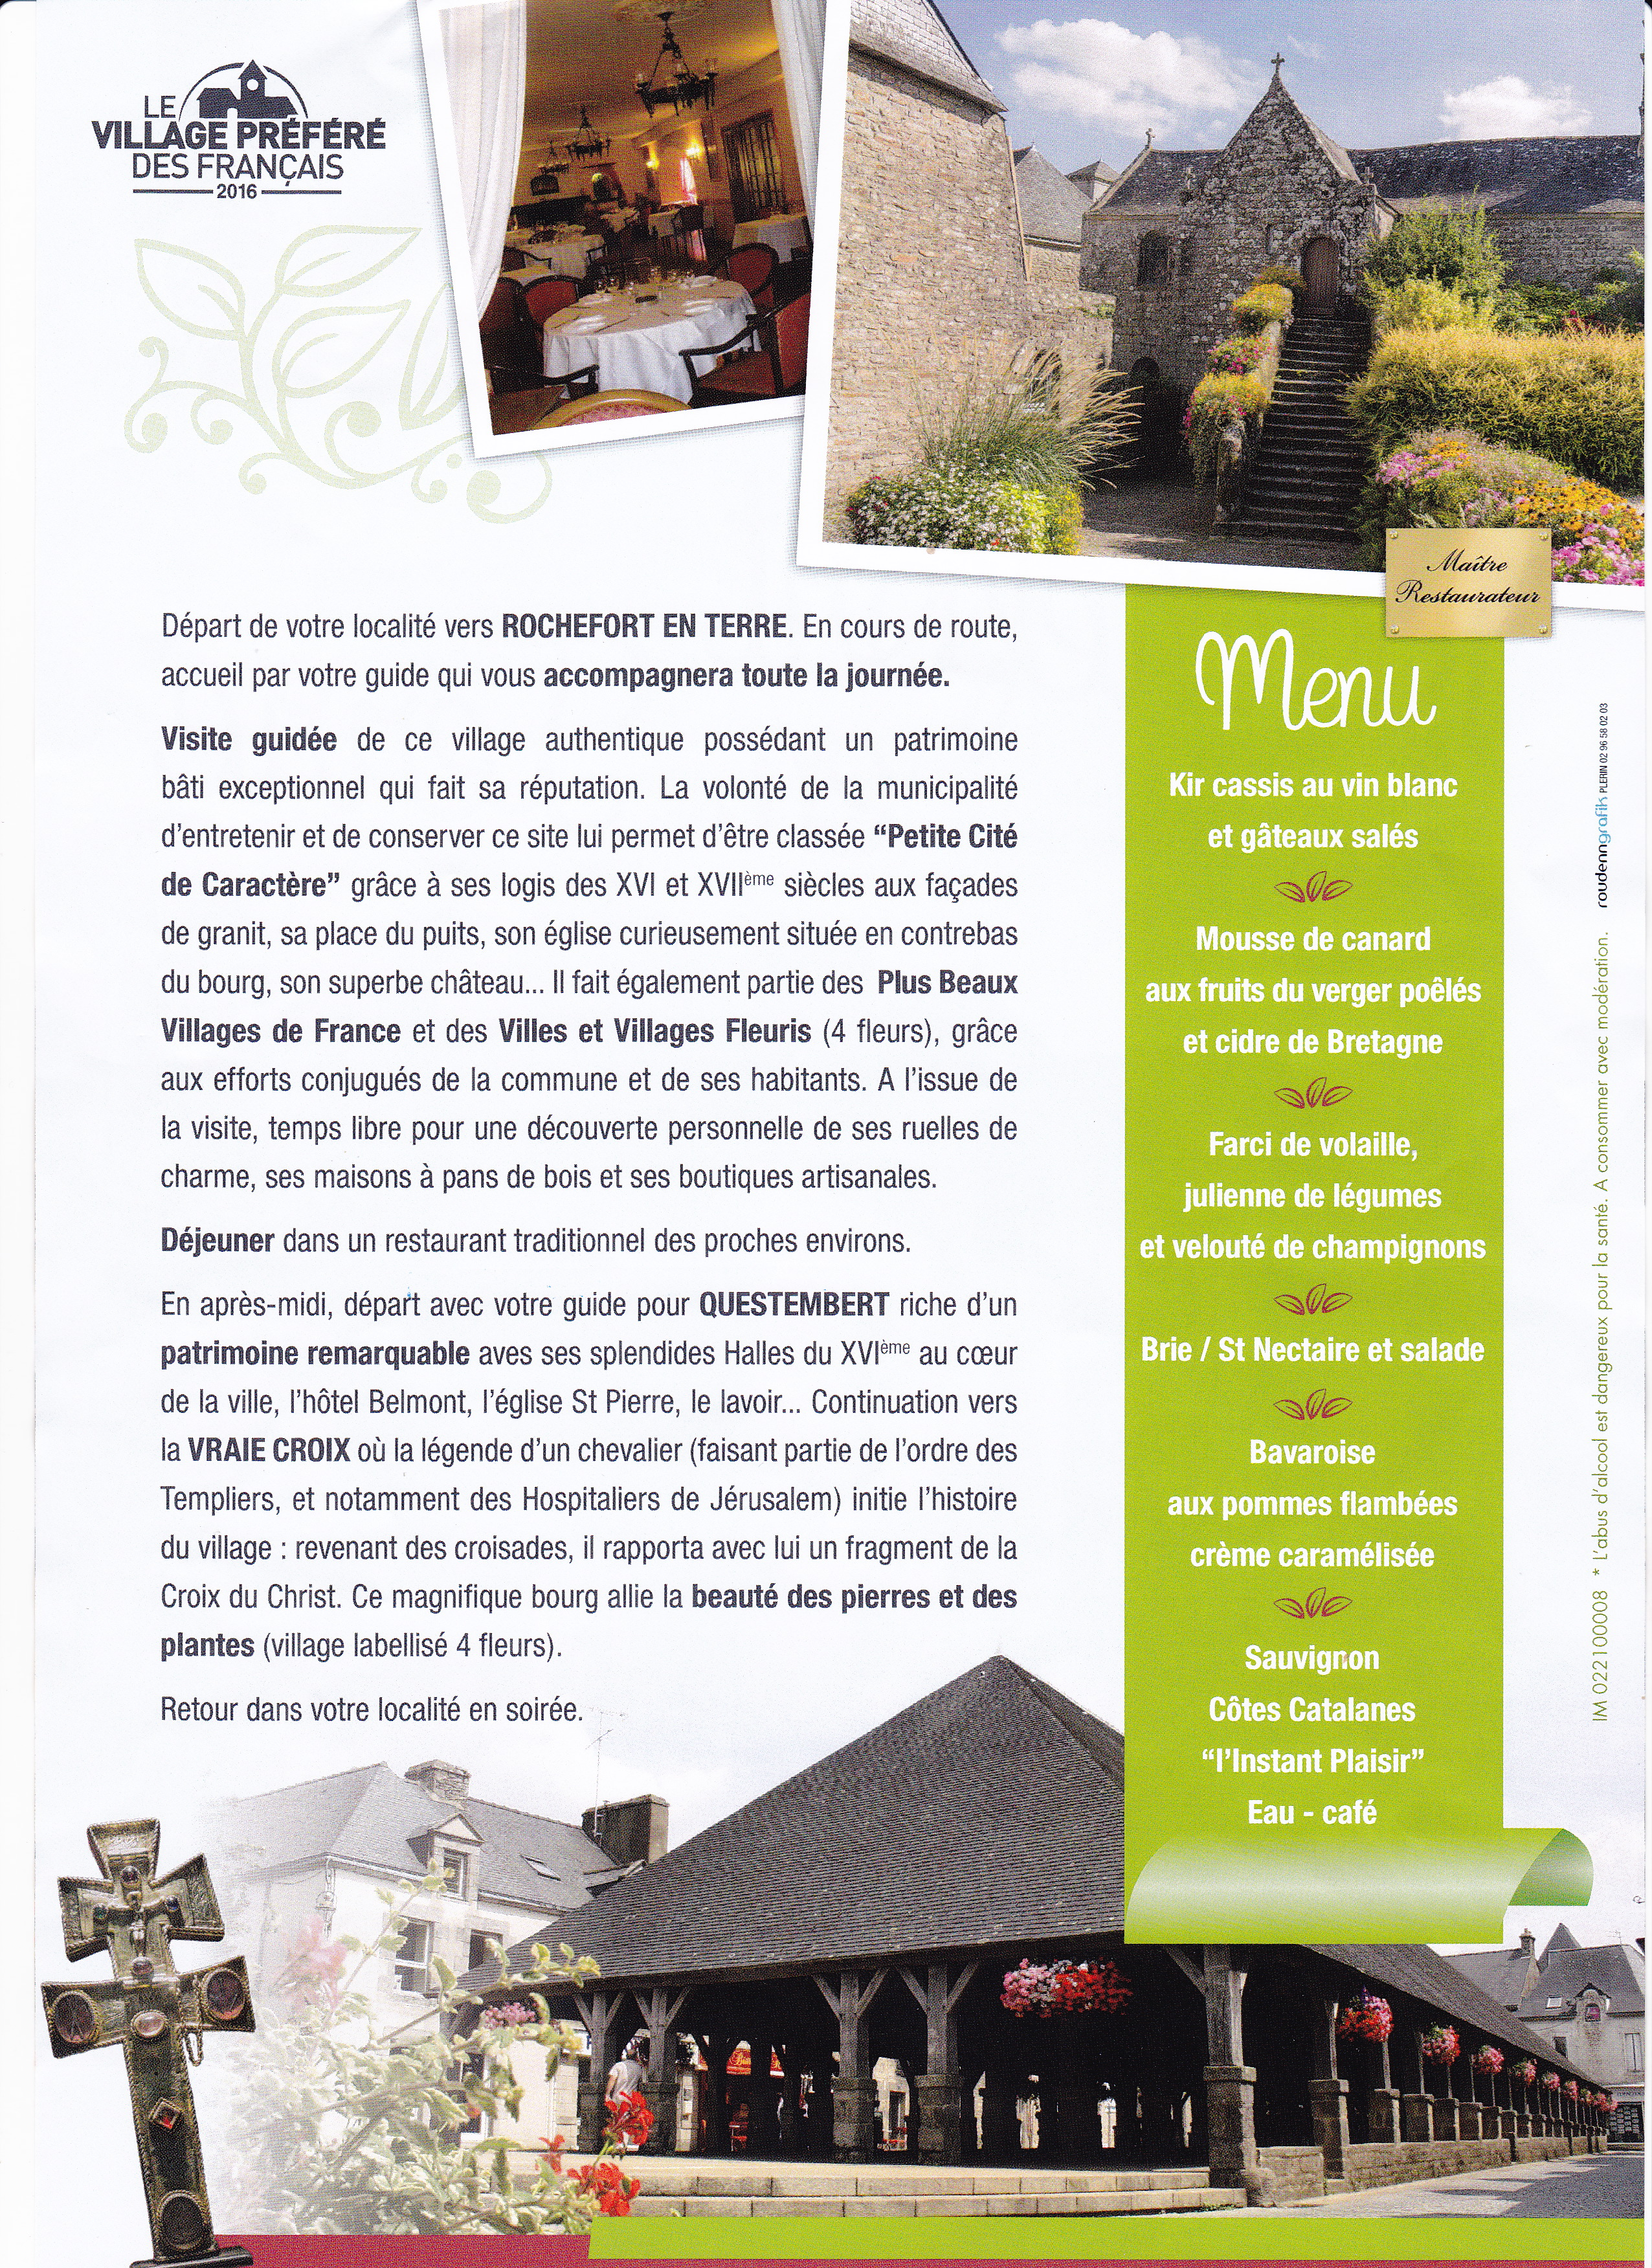 rochefort-en-terre_0001